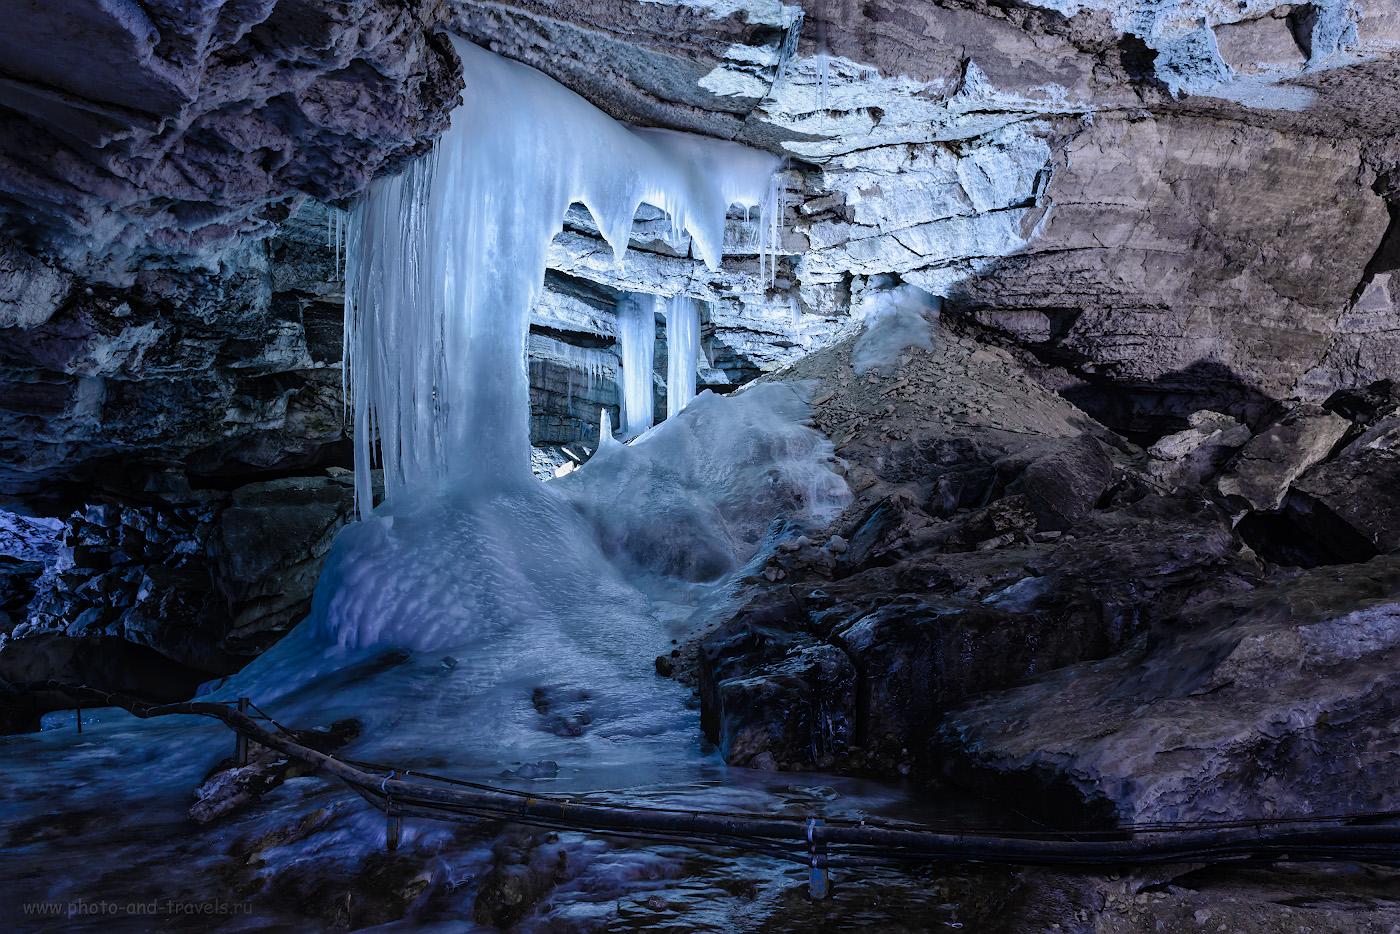 Фотография 9. Теперь понимаете, почему Кунгурскую пещеру называют Ледяной? Отзыв о самостоятельной экскурсии. 2.5, 8.0, 400, 24.